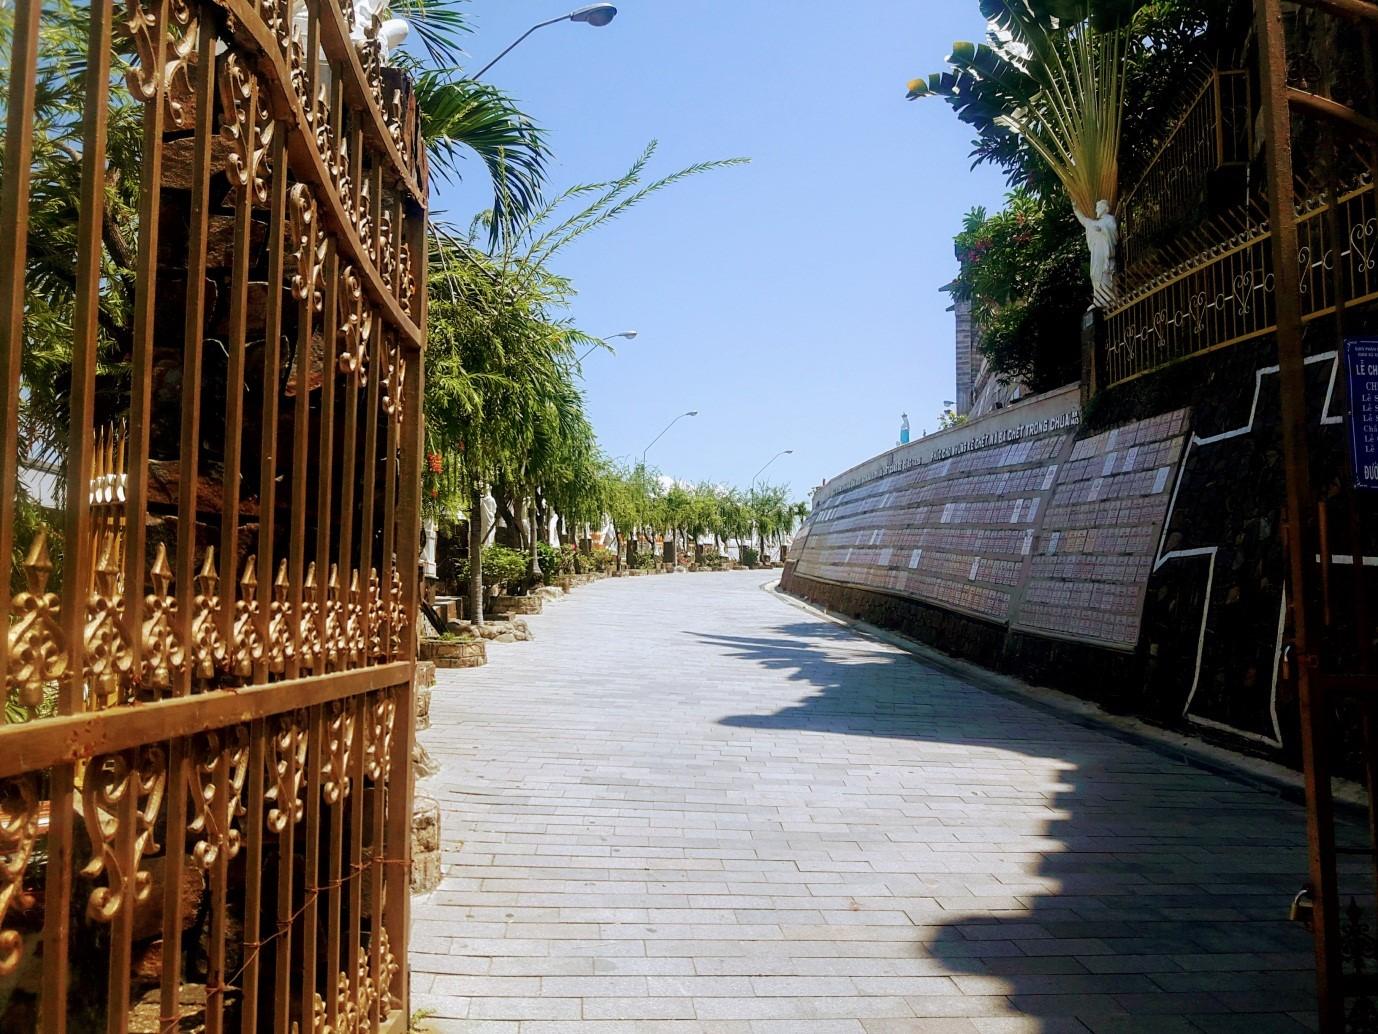 Du lịch Nha Trang để thấy Việt Nam đẹp mê đắm thế nào? - 33